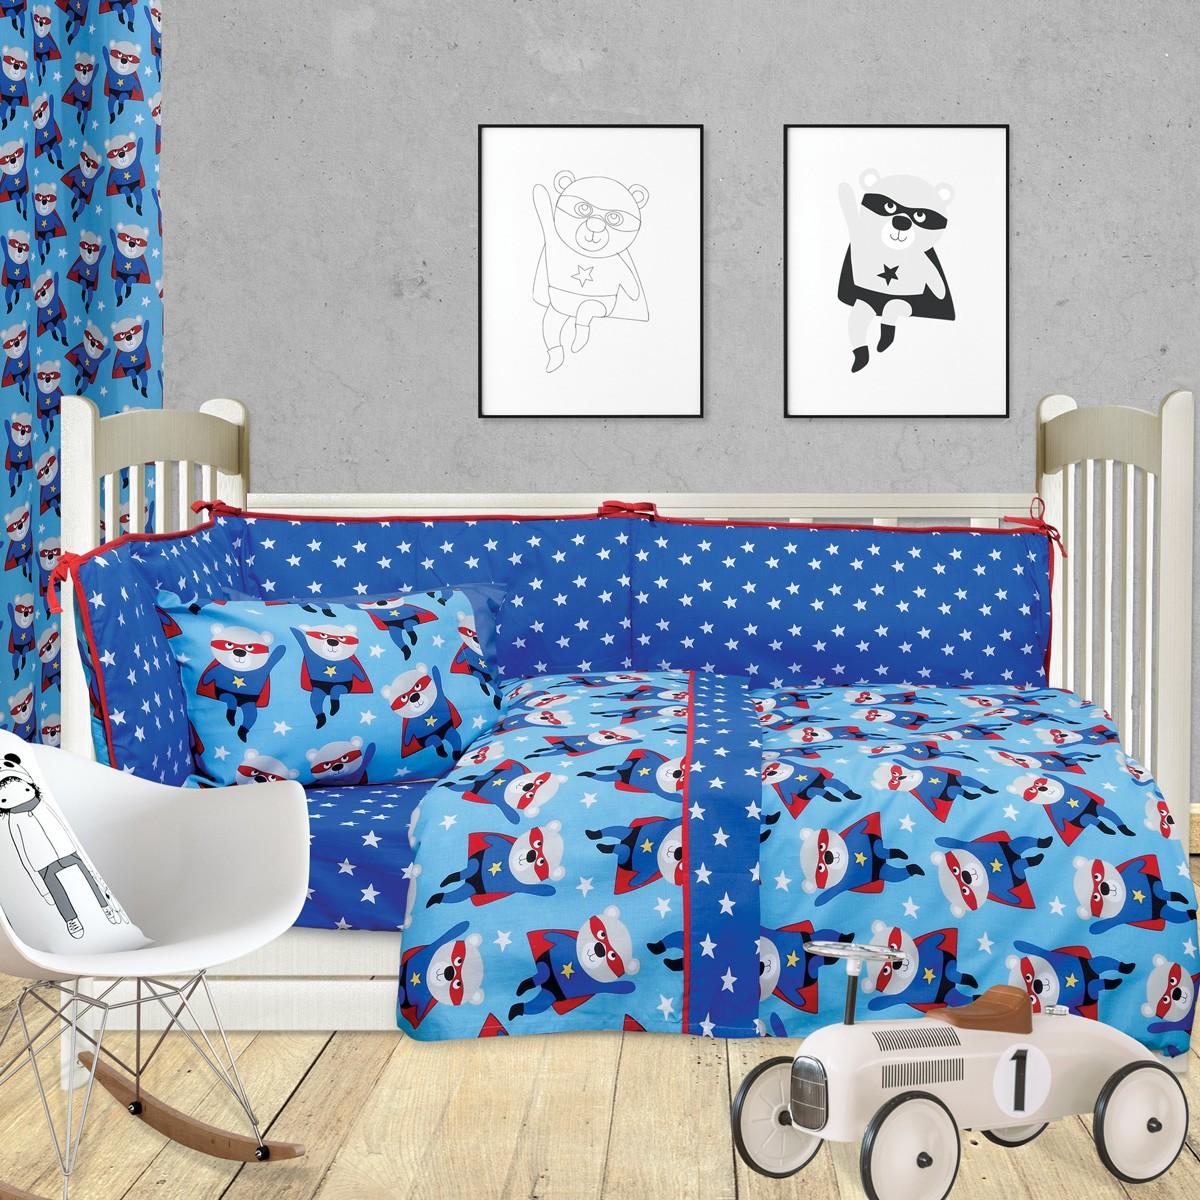 Παπλωματοθήκη Κούνιας (Σετ) Das Home Fun Prints 6415